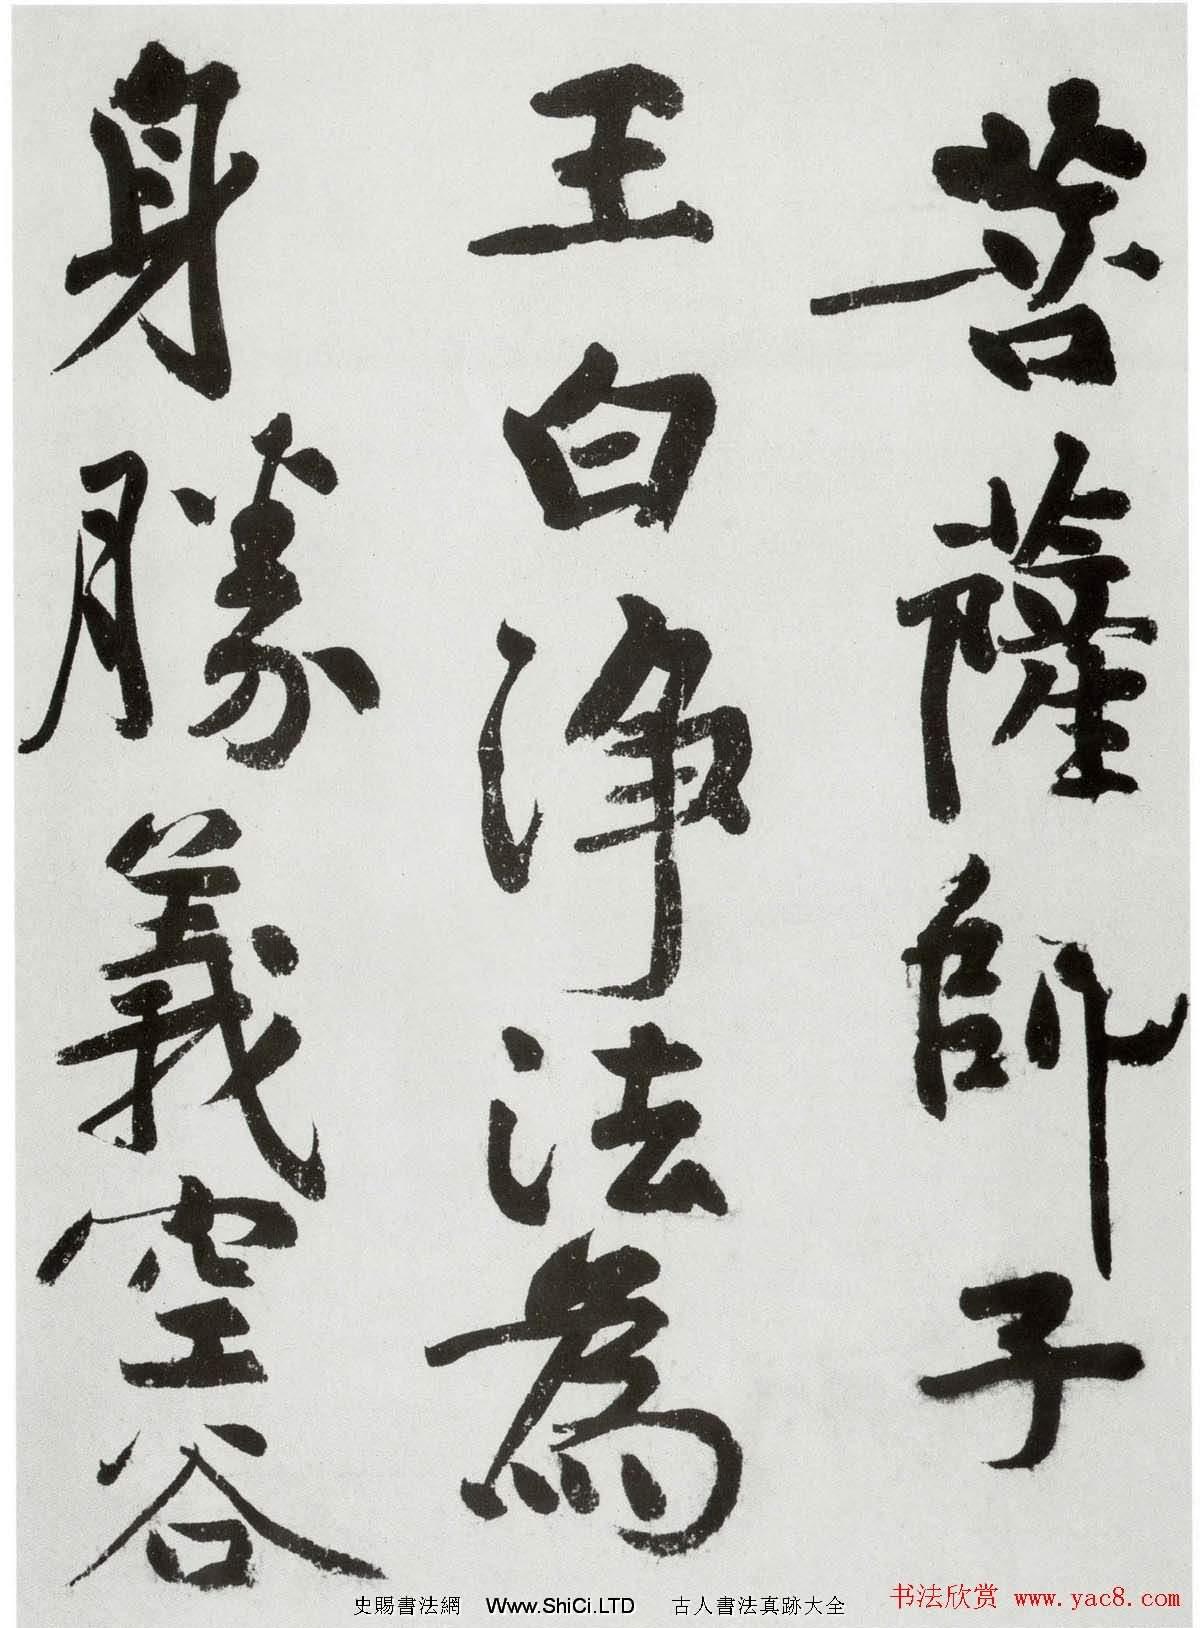 黃庭堅大字書法墨跡真跡欣賞《發願文》(共34張圖片)